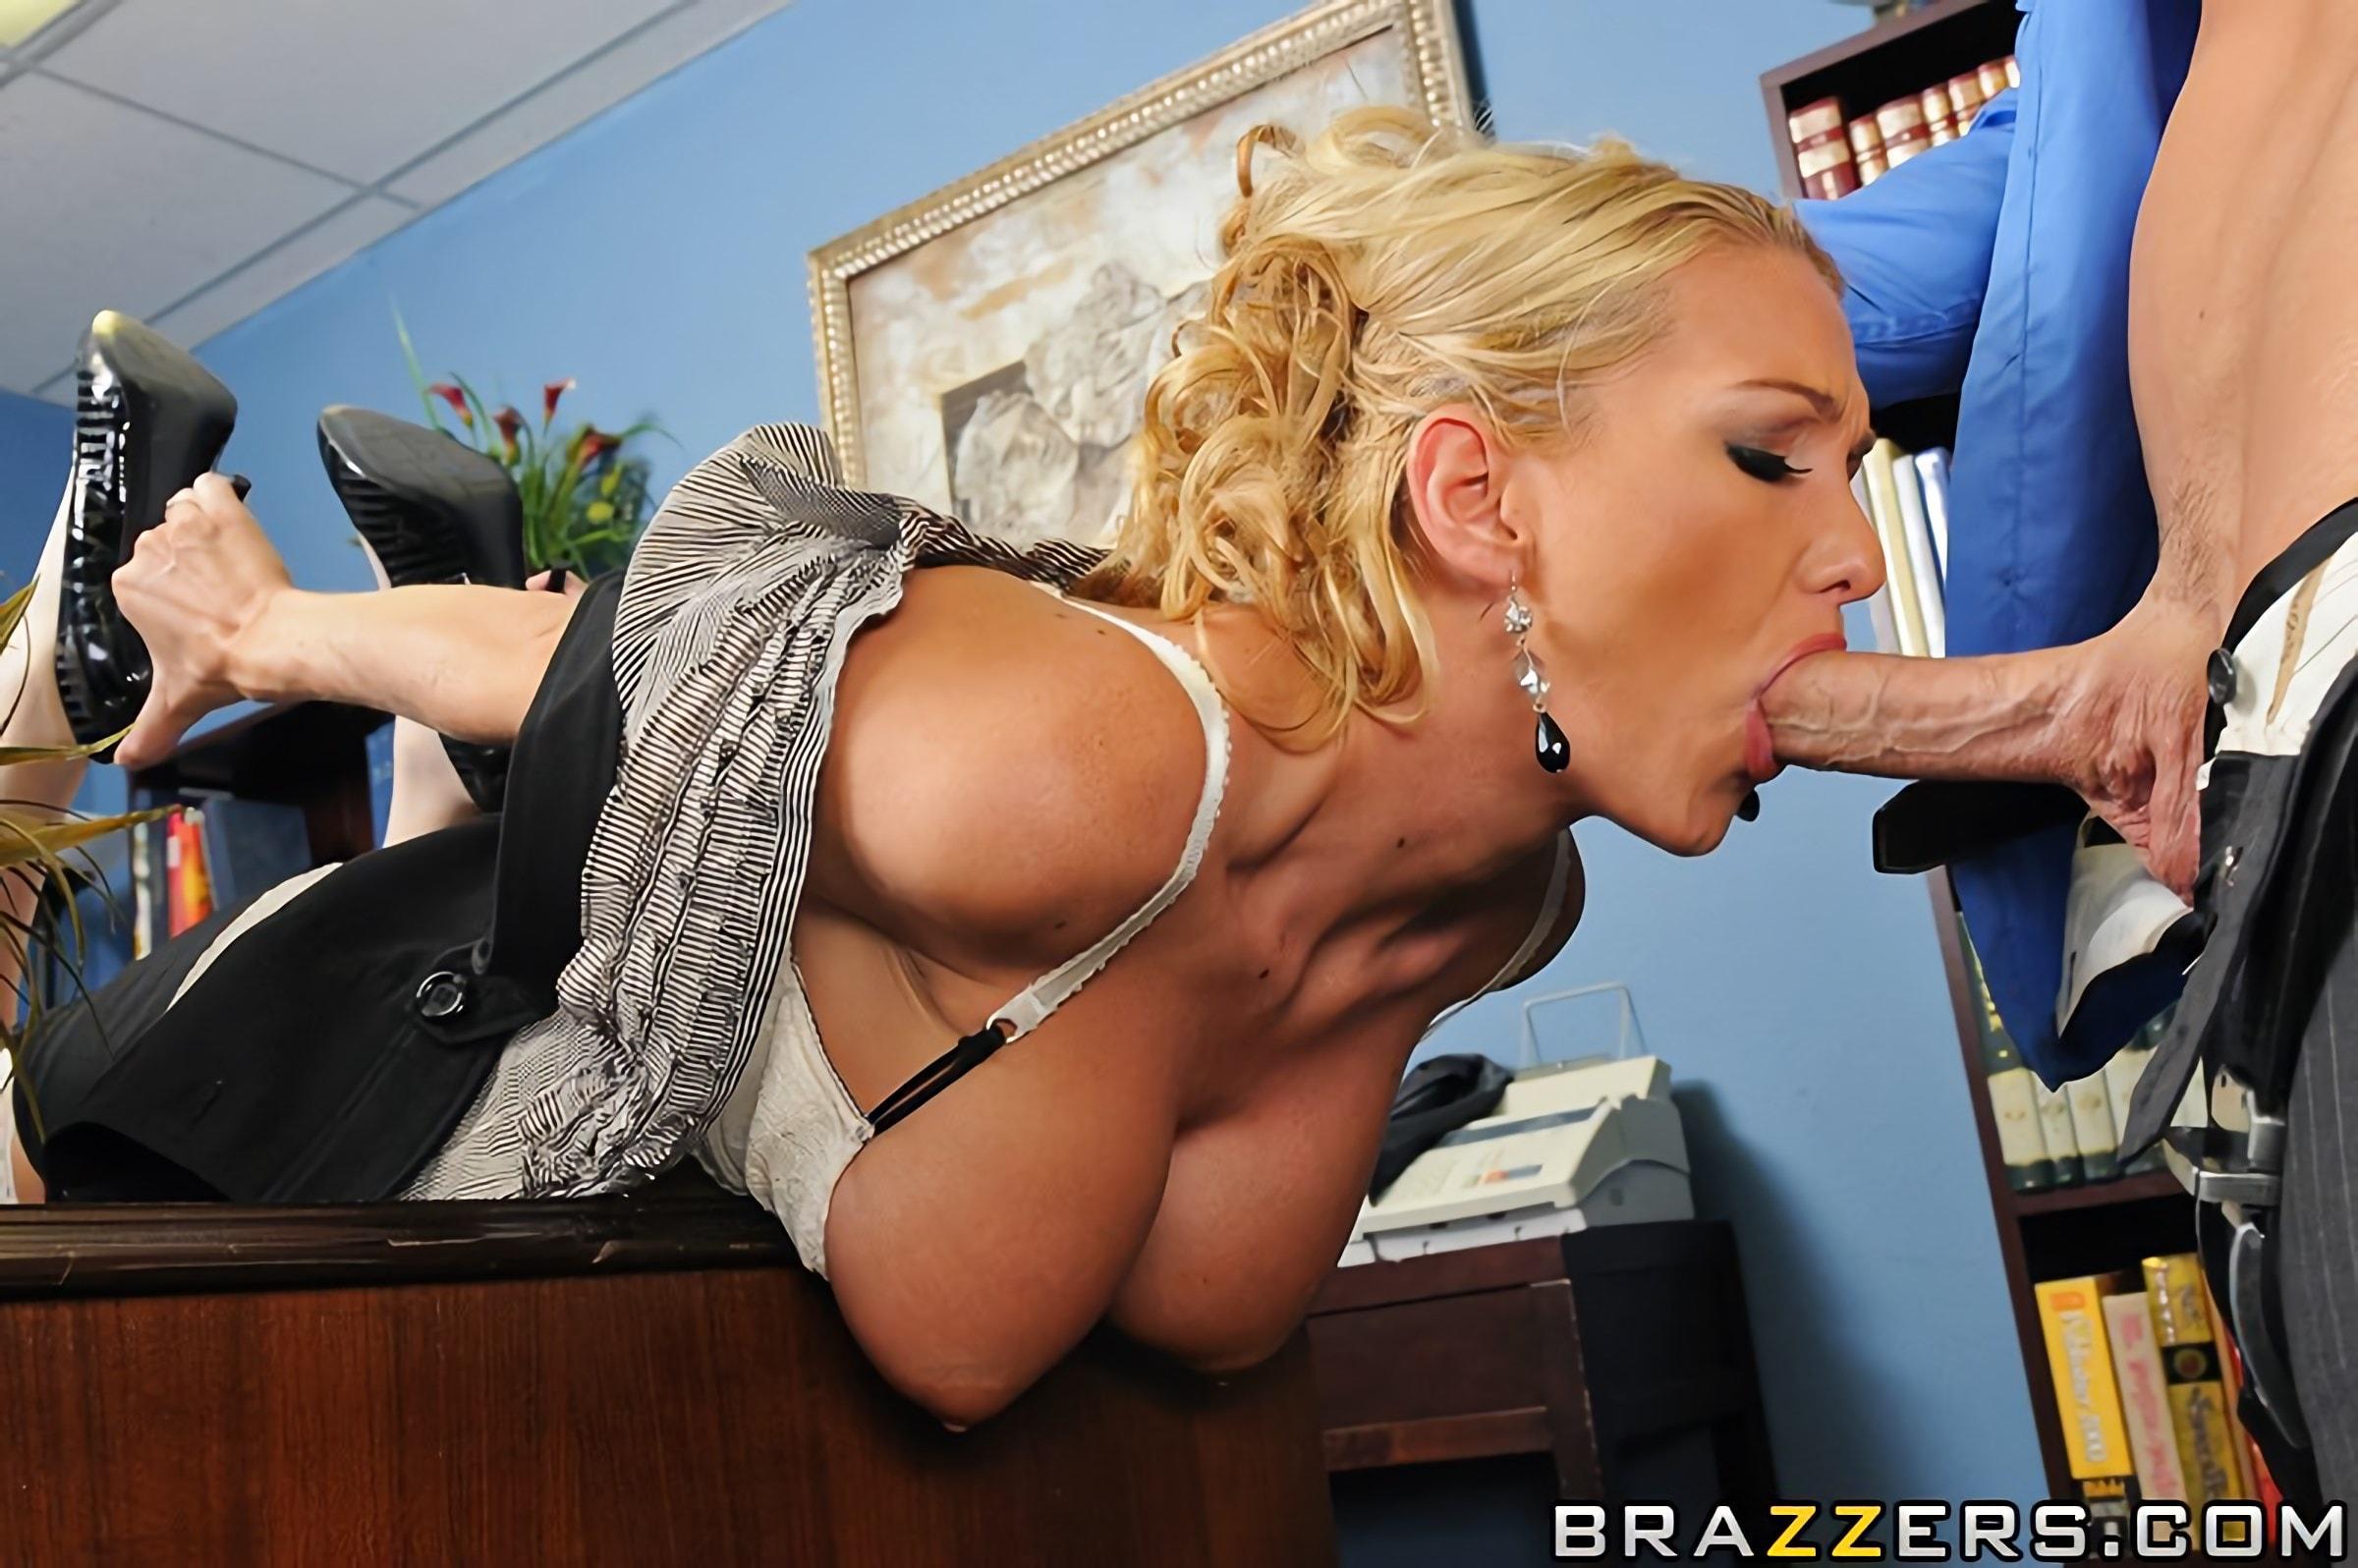 босс трахает большие сиськи зашли к шефу и отвлекли его от дела порно сайт удовольствием